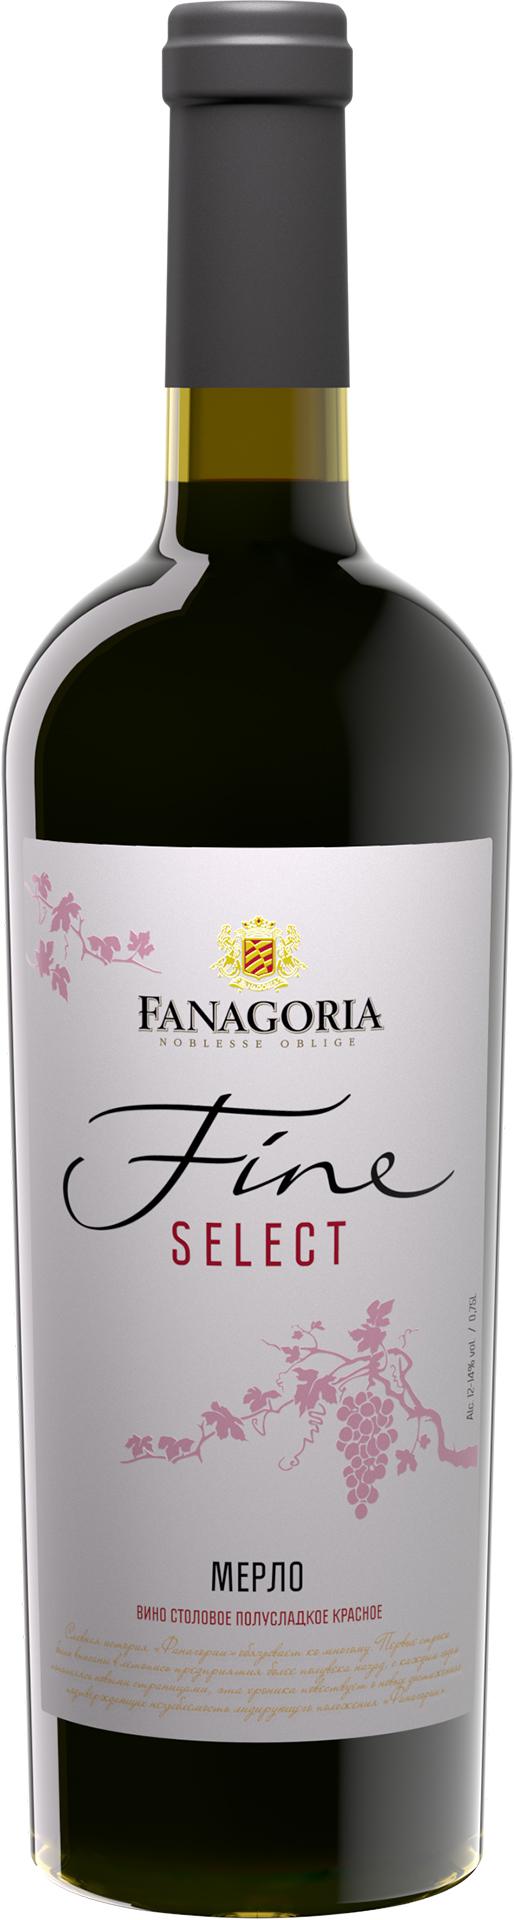 Вино фанагория – история происхождения коллекционного вина, виды. с чем подать вино фанагория.